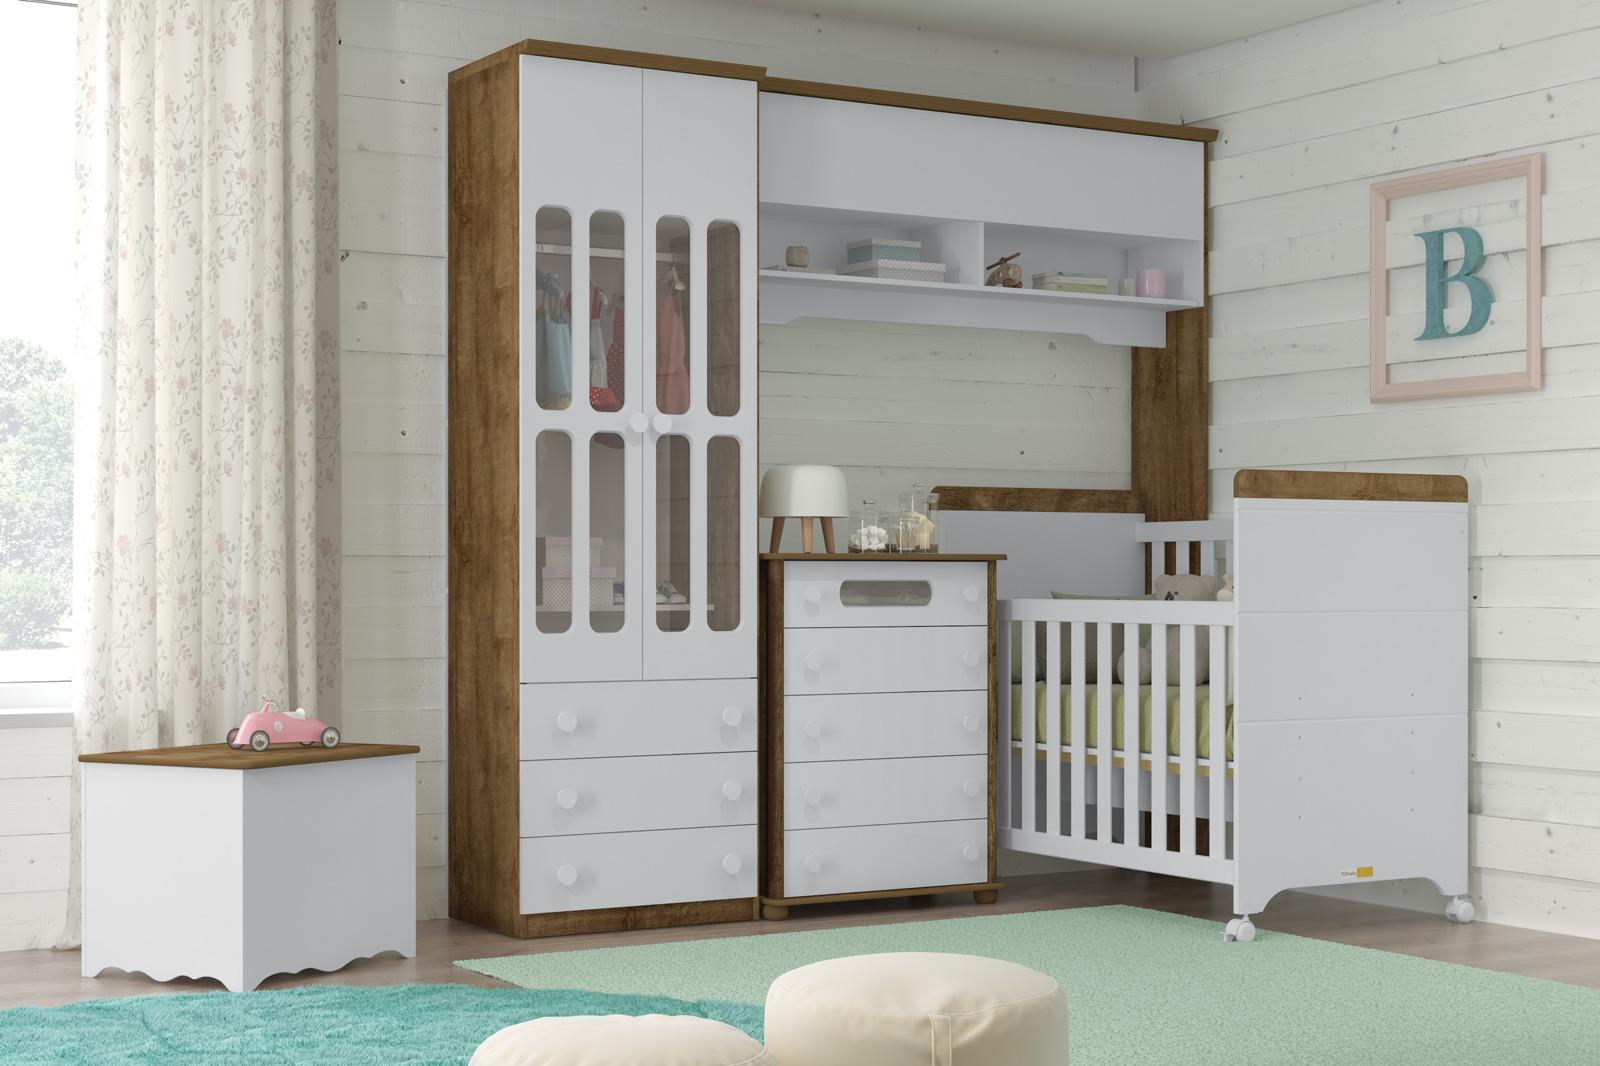 Quarto De Beb Planejado Como Planejar 100 Fotos E Dicas  ~ Quarto De Casal Planejado De Apartamento Pequeno